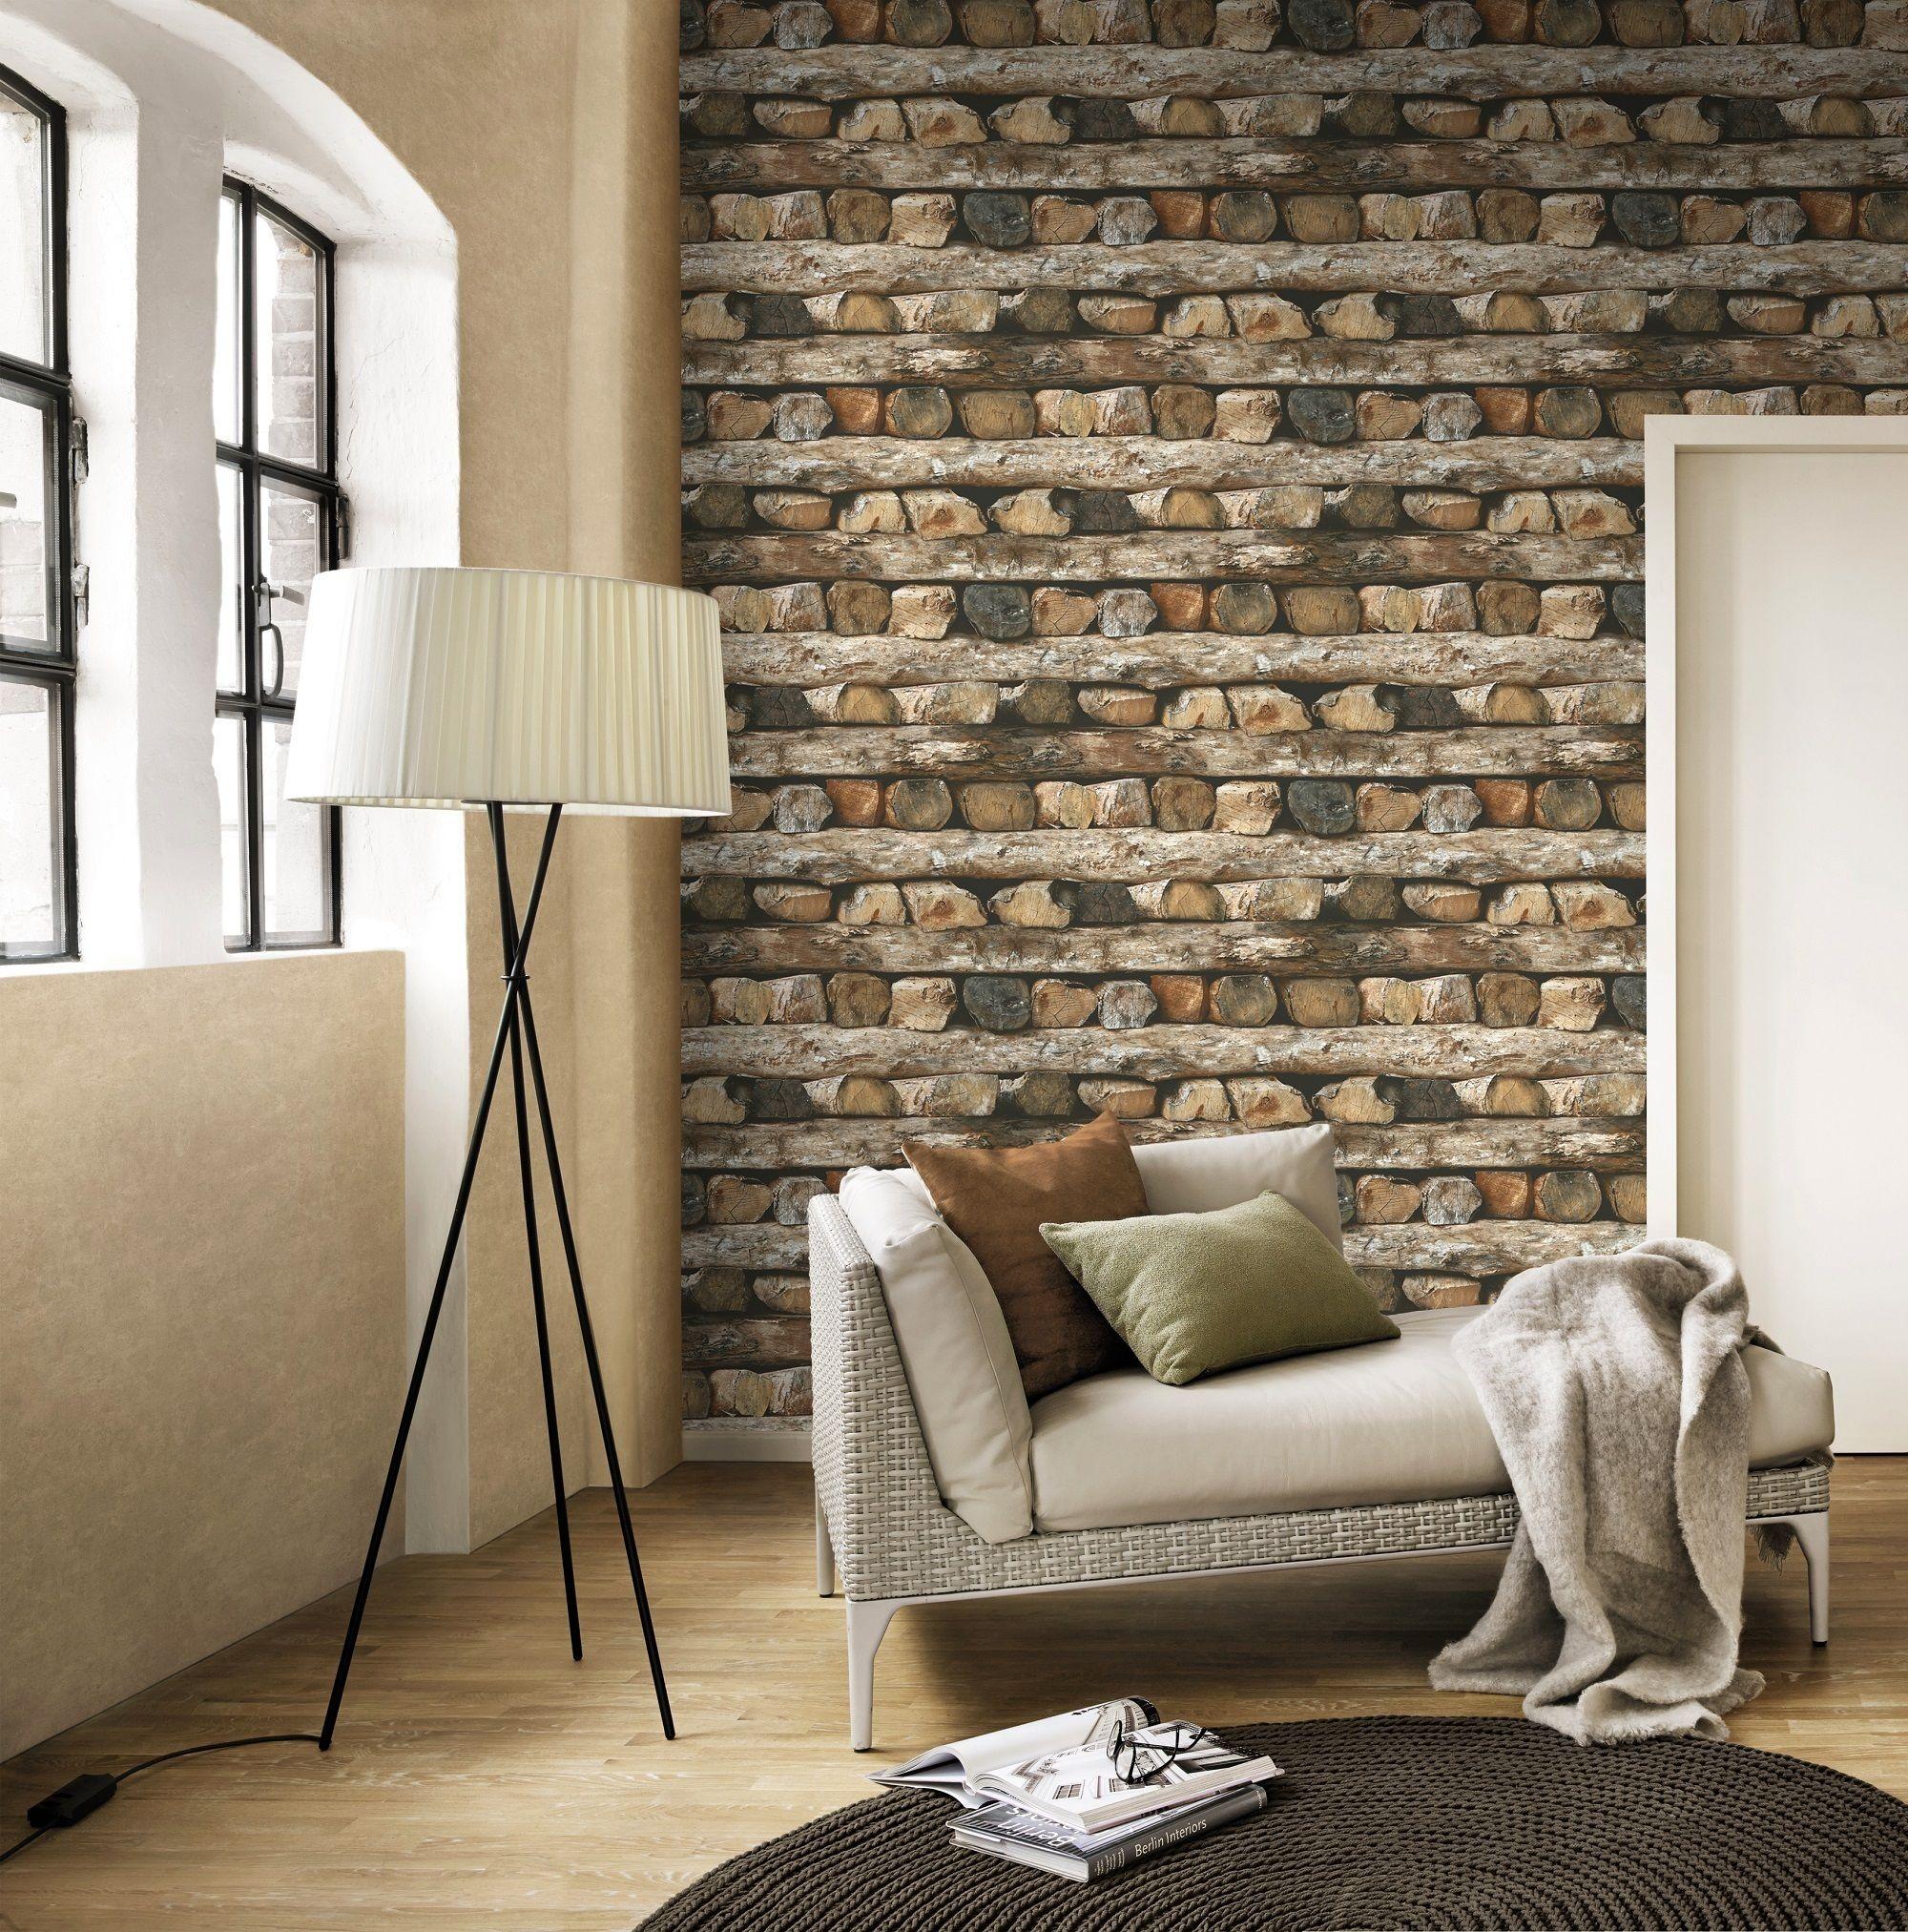 Rasch Log Pattern Wallaper Rustic Wood Stripe Motif Faux Effect, £16.99, I Want Wallpaper